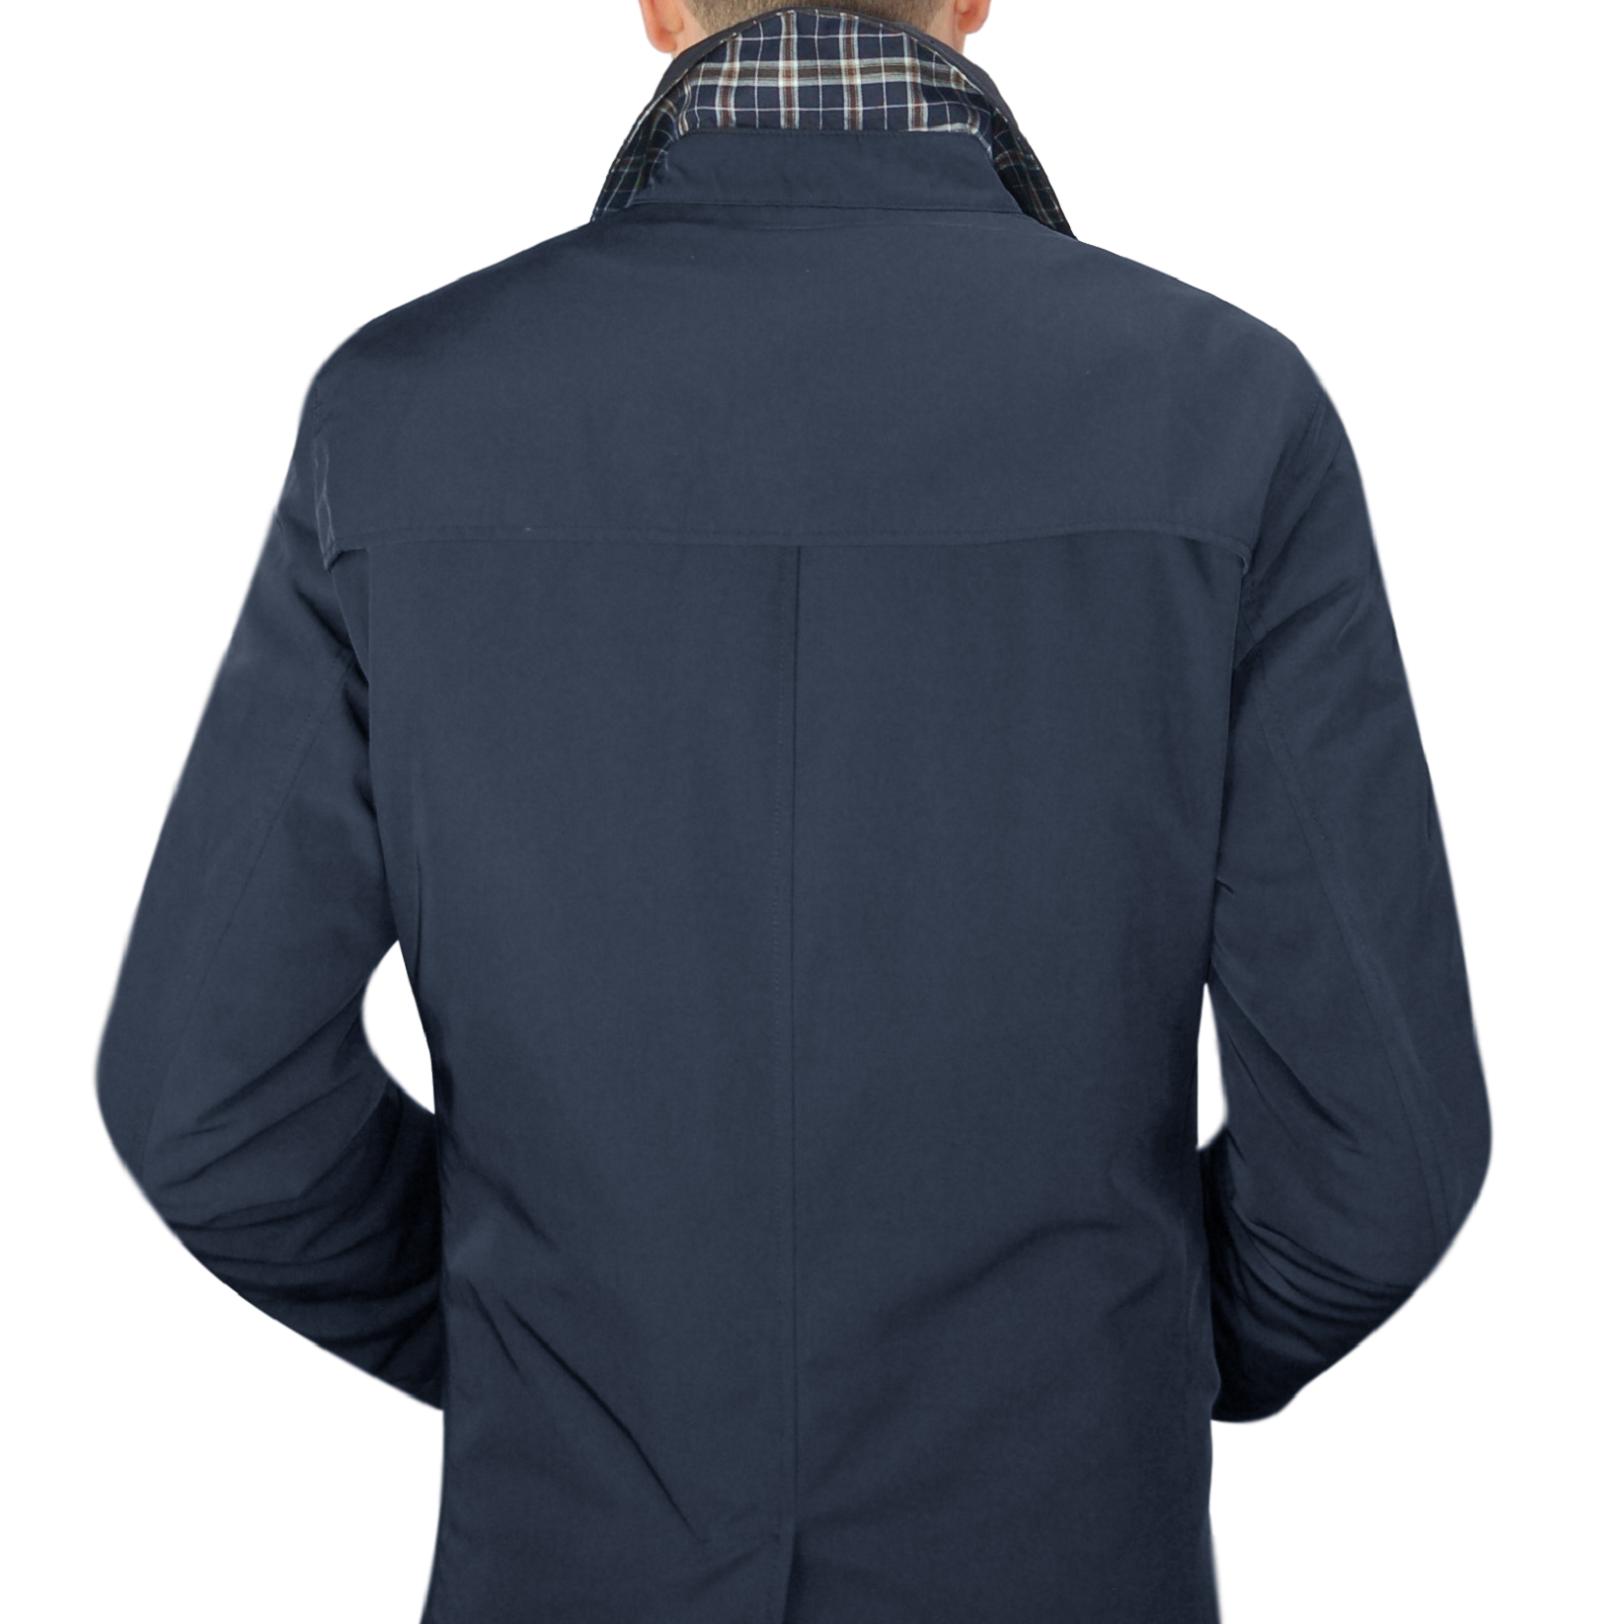 Impermeabile-Uomo-Giubbotto-Invernale-Trench-Lungo-Blu-Nero-Casual-Slim-Fit miniatura 10